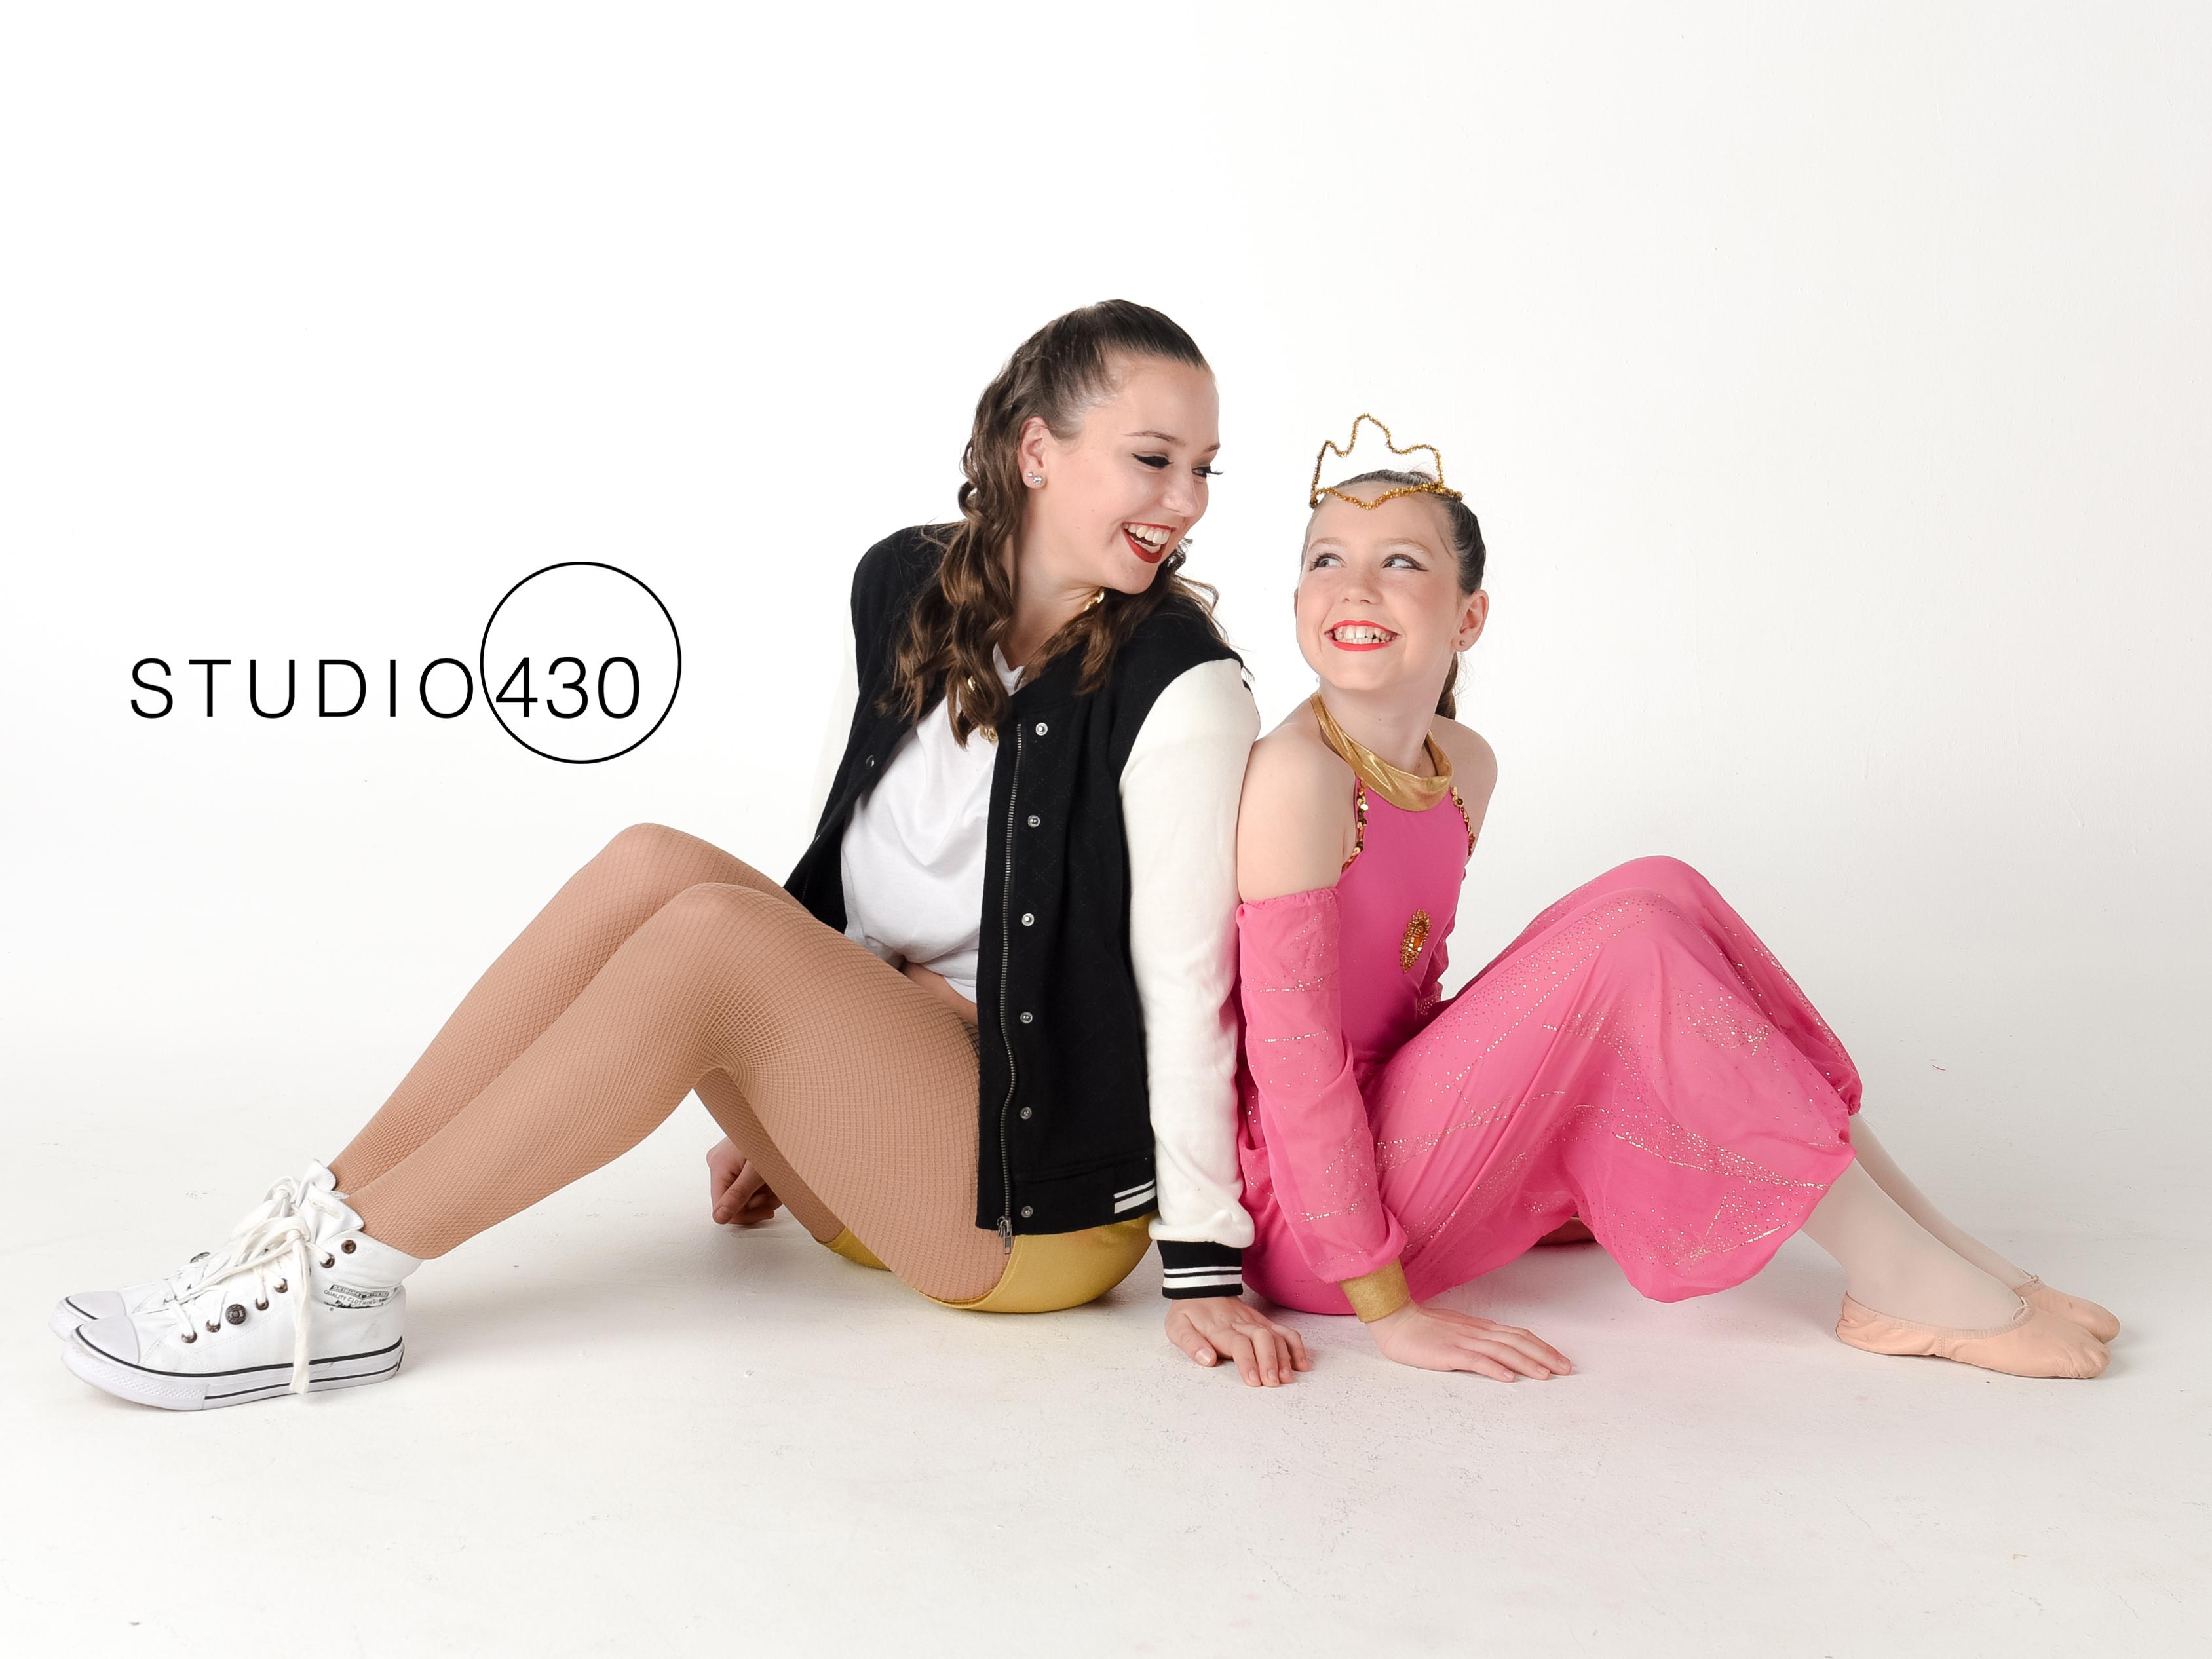 DCI_8730-Edit